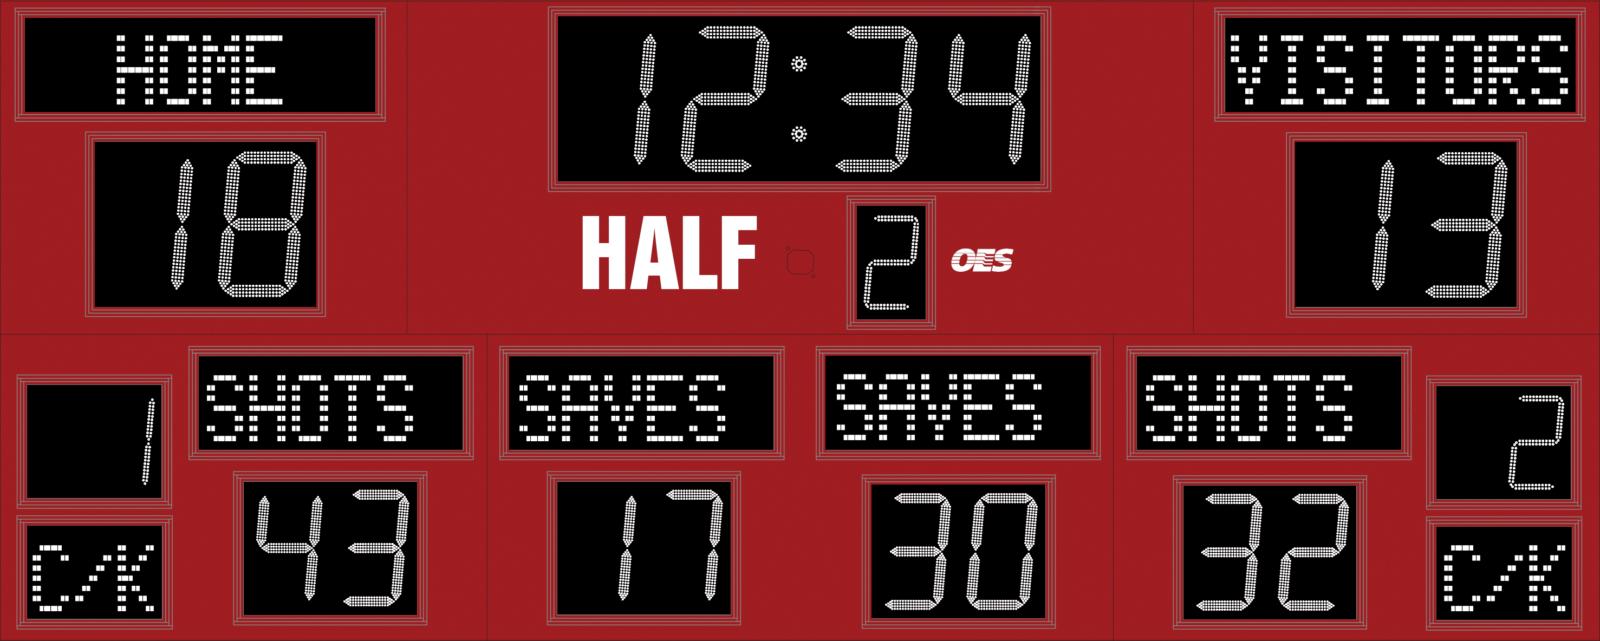 red scoreboard